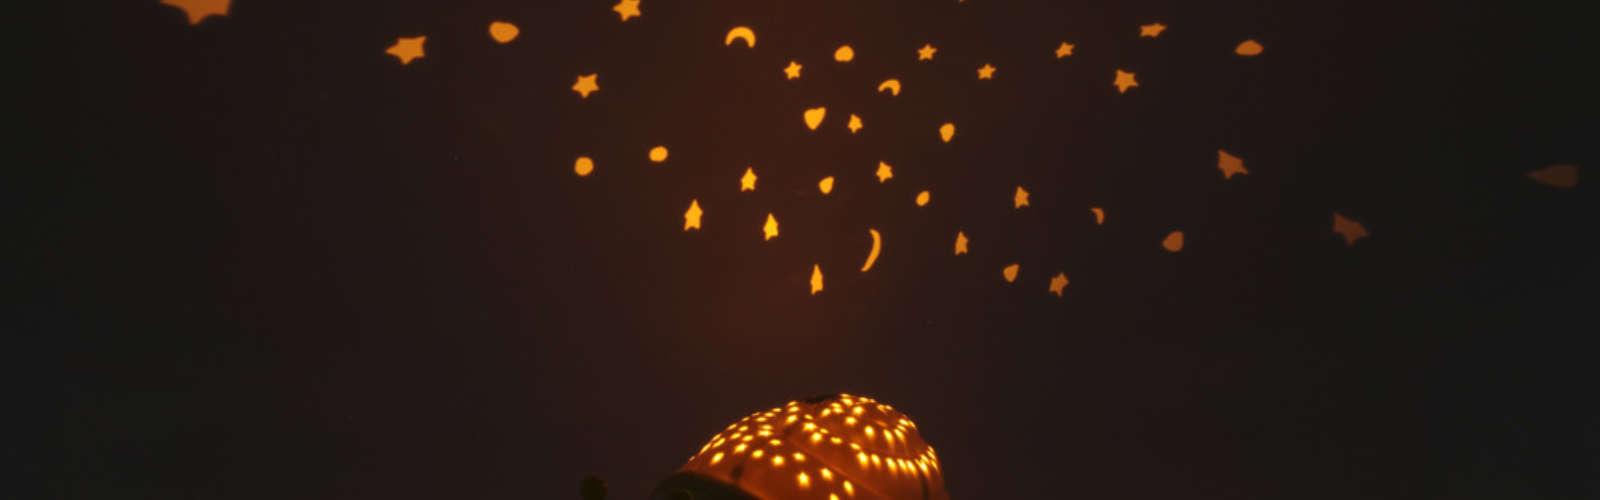 Snail starlight